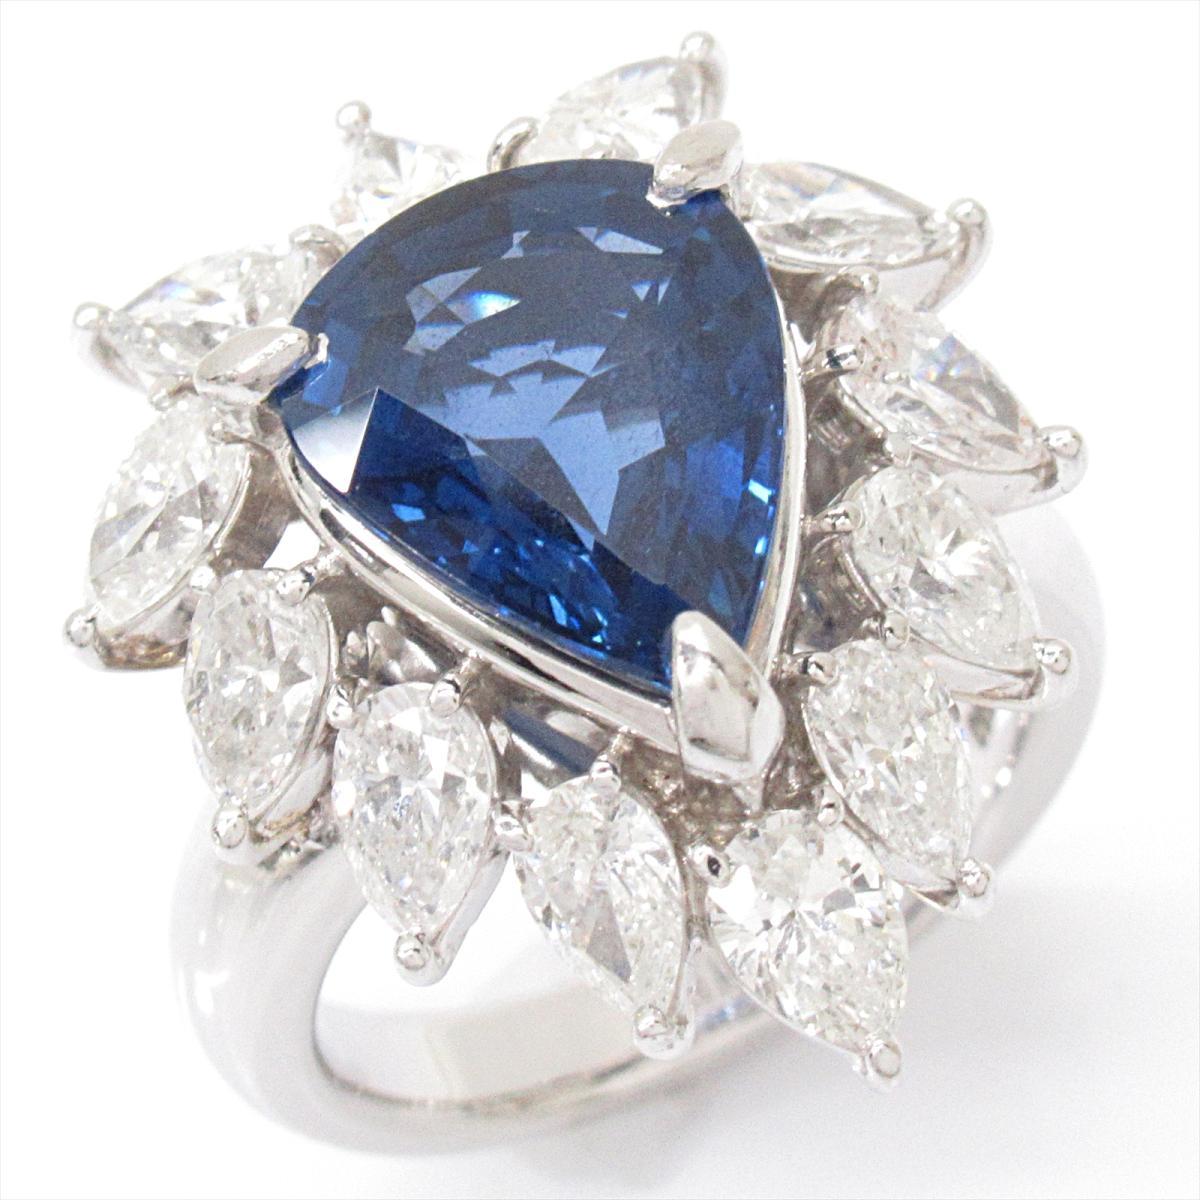 100%の保証 【】ジュエリー【】ジュエリー サファイアリング 指輪 PT900 レディース 指輪 PT900 プラチナxサファイア(5.24ct)xダイヤモンド(2.87ct), ナガイシ:0b8d61ca --- scrabblewordsfinder.net